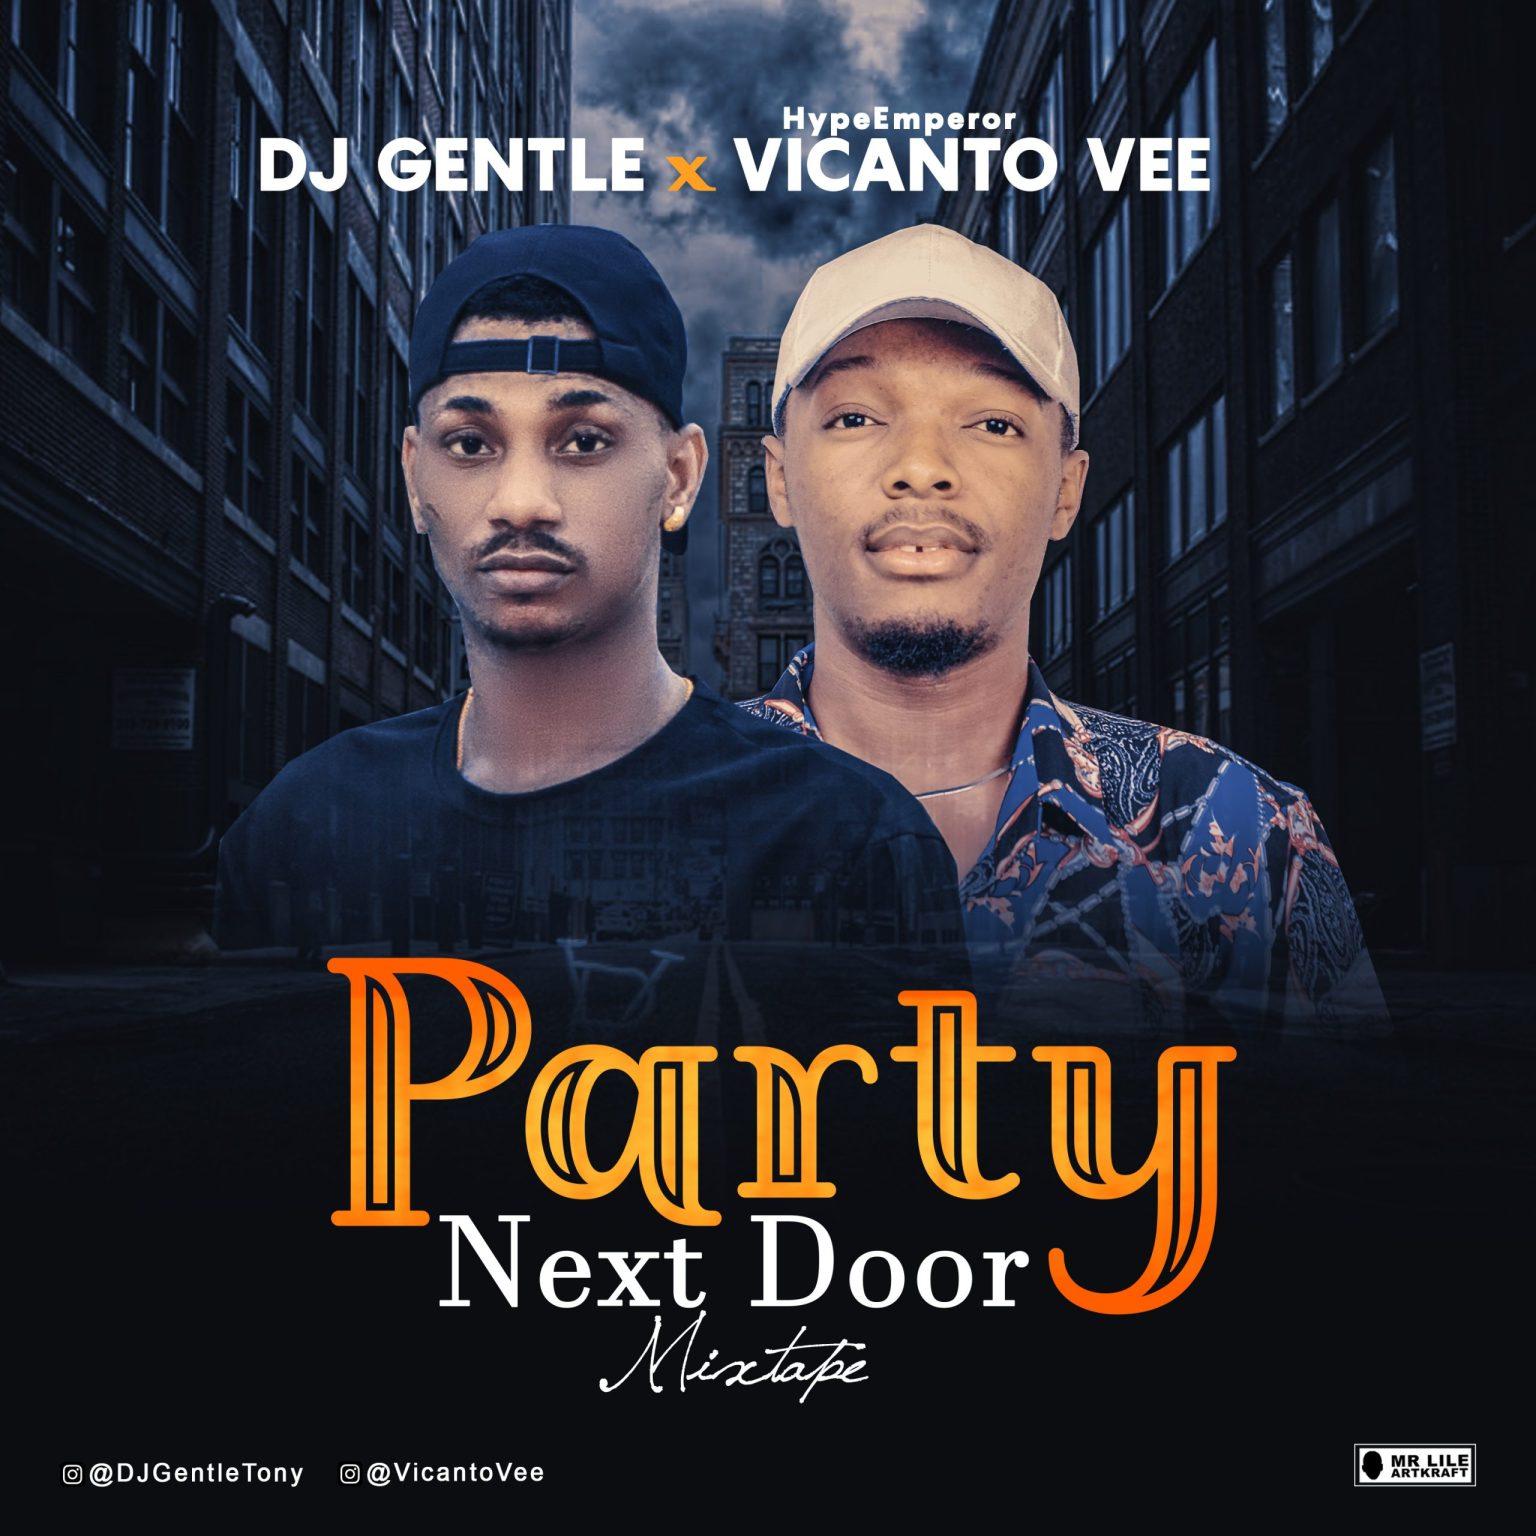 DJ-GENTLE-PARTY-NEXT-DOOR-VirginsMusic-com-scaled